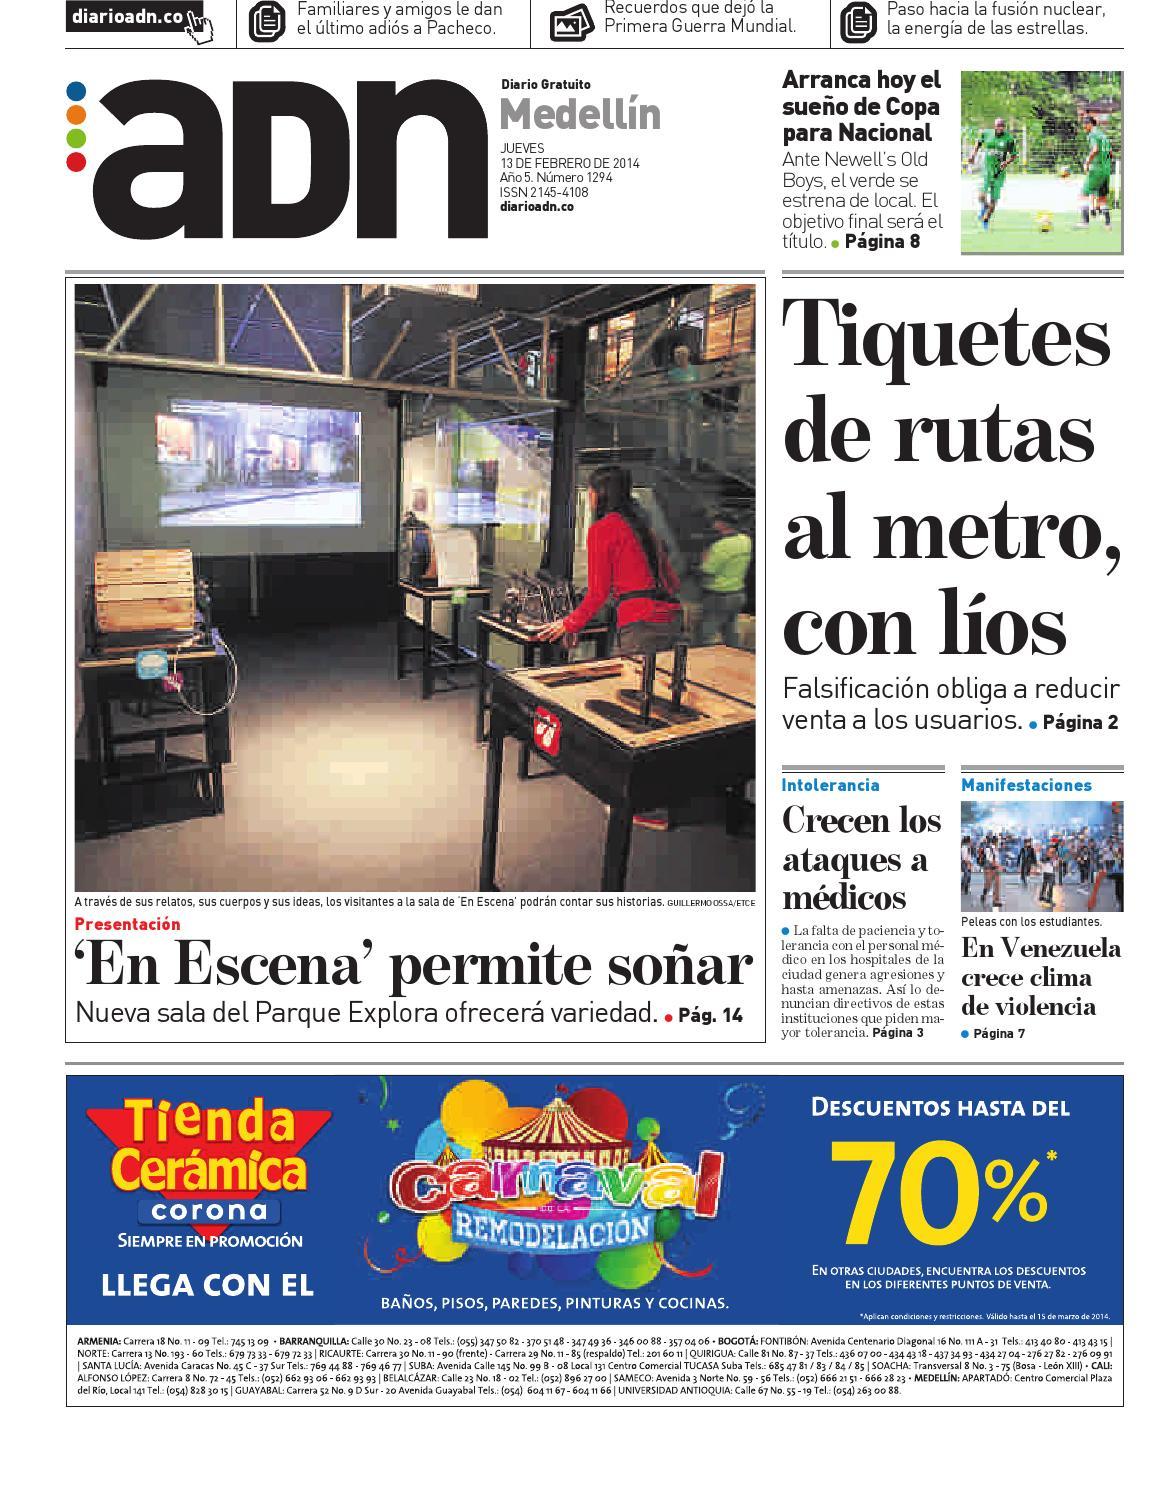 13 de febrero Medellín by Diario ADN - issuu